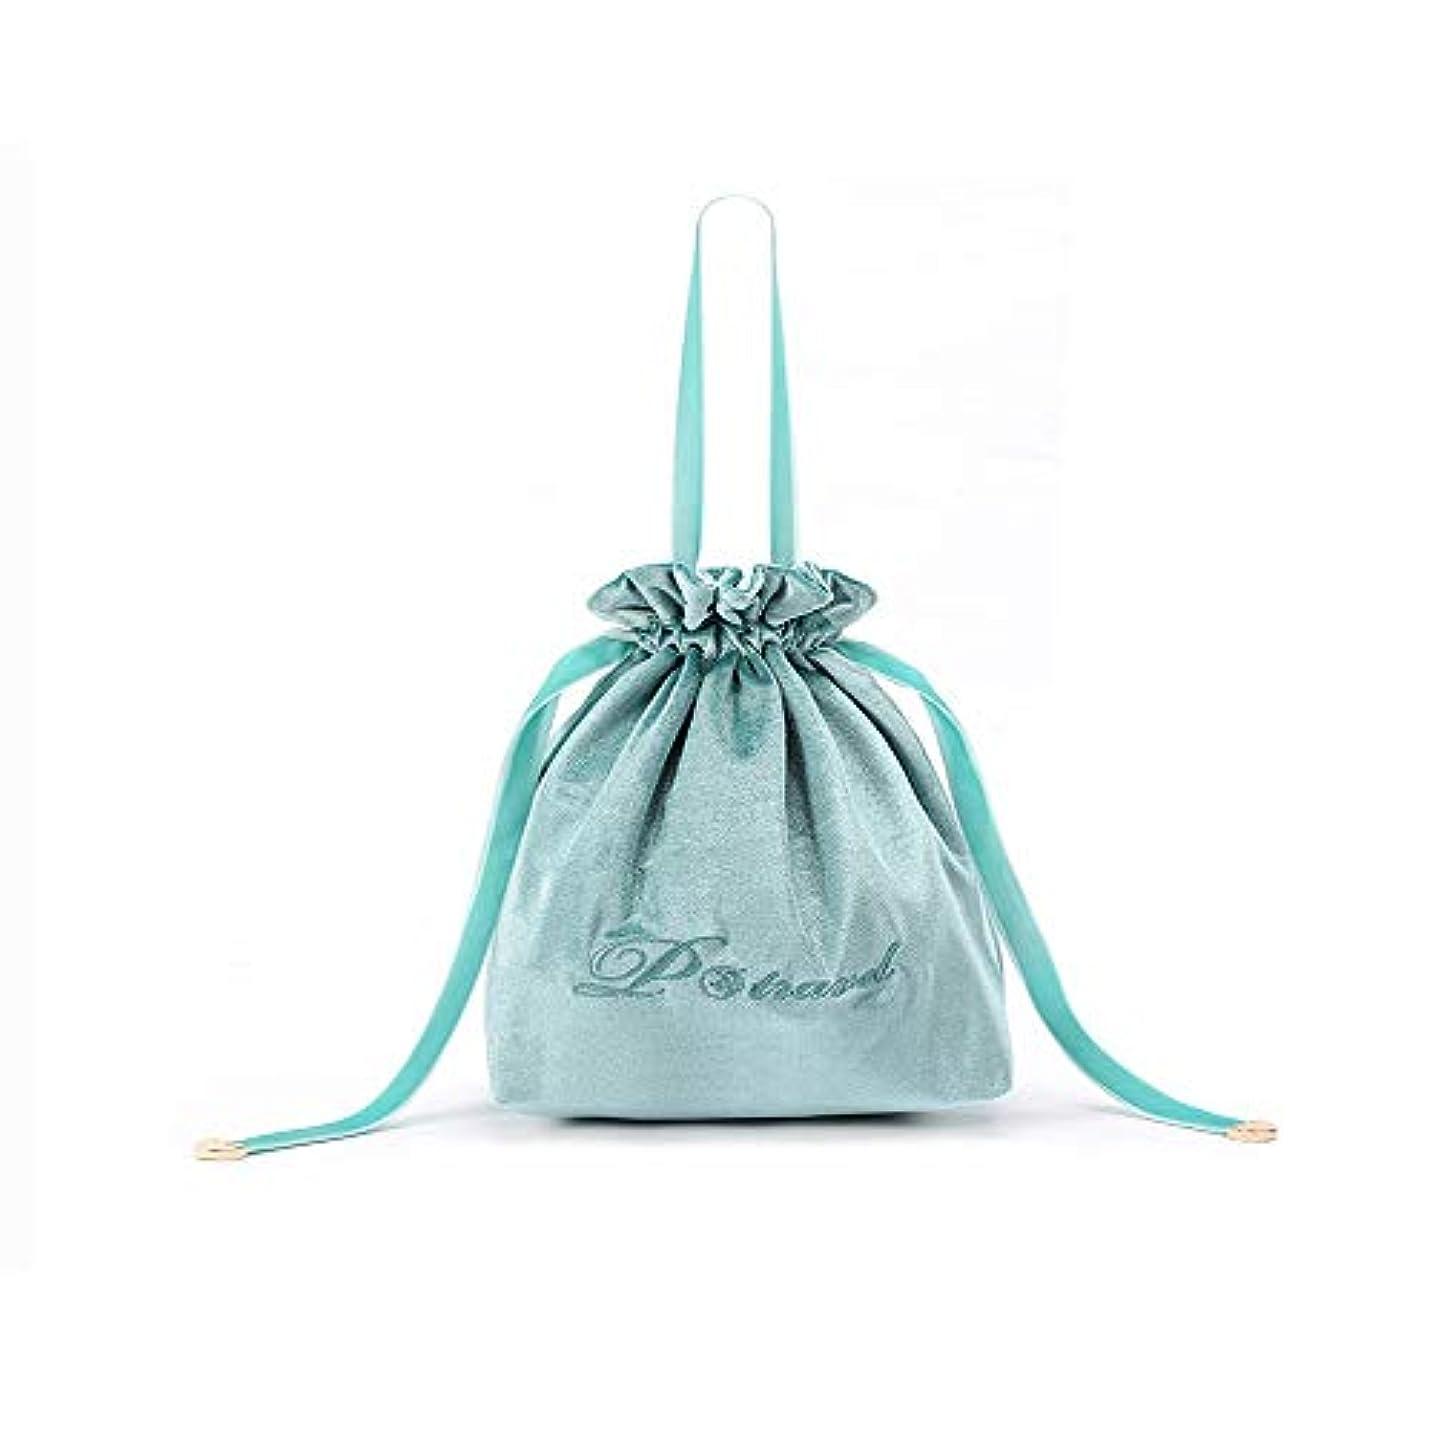 入学するラリー変なコスメポーチ 巾着 化粧 ポーチ ポータブル旅行メイクバッグ 旅行化粧バッグ 大容量 超軽量 便利 旅行 (ライトブルー)